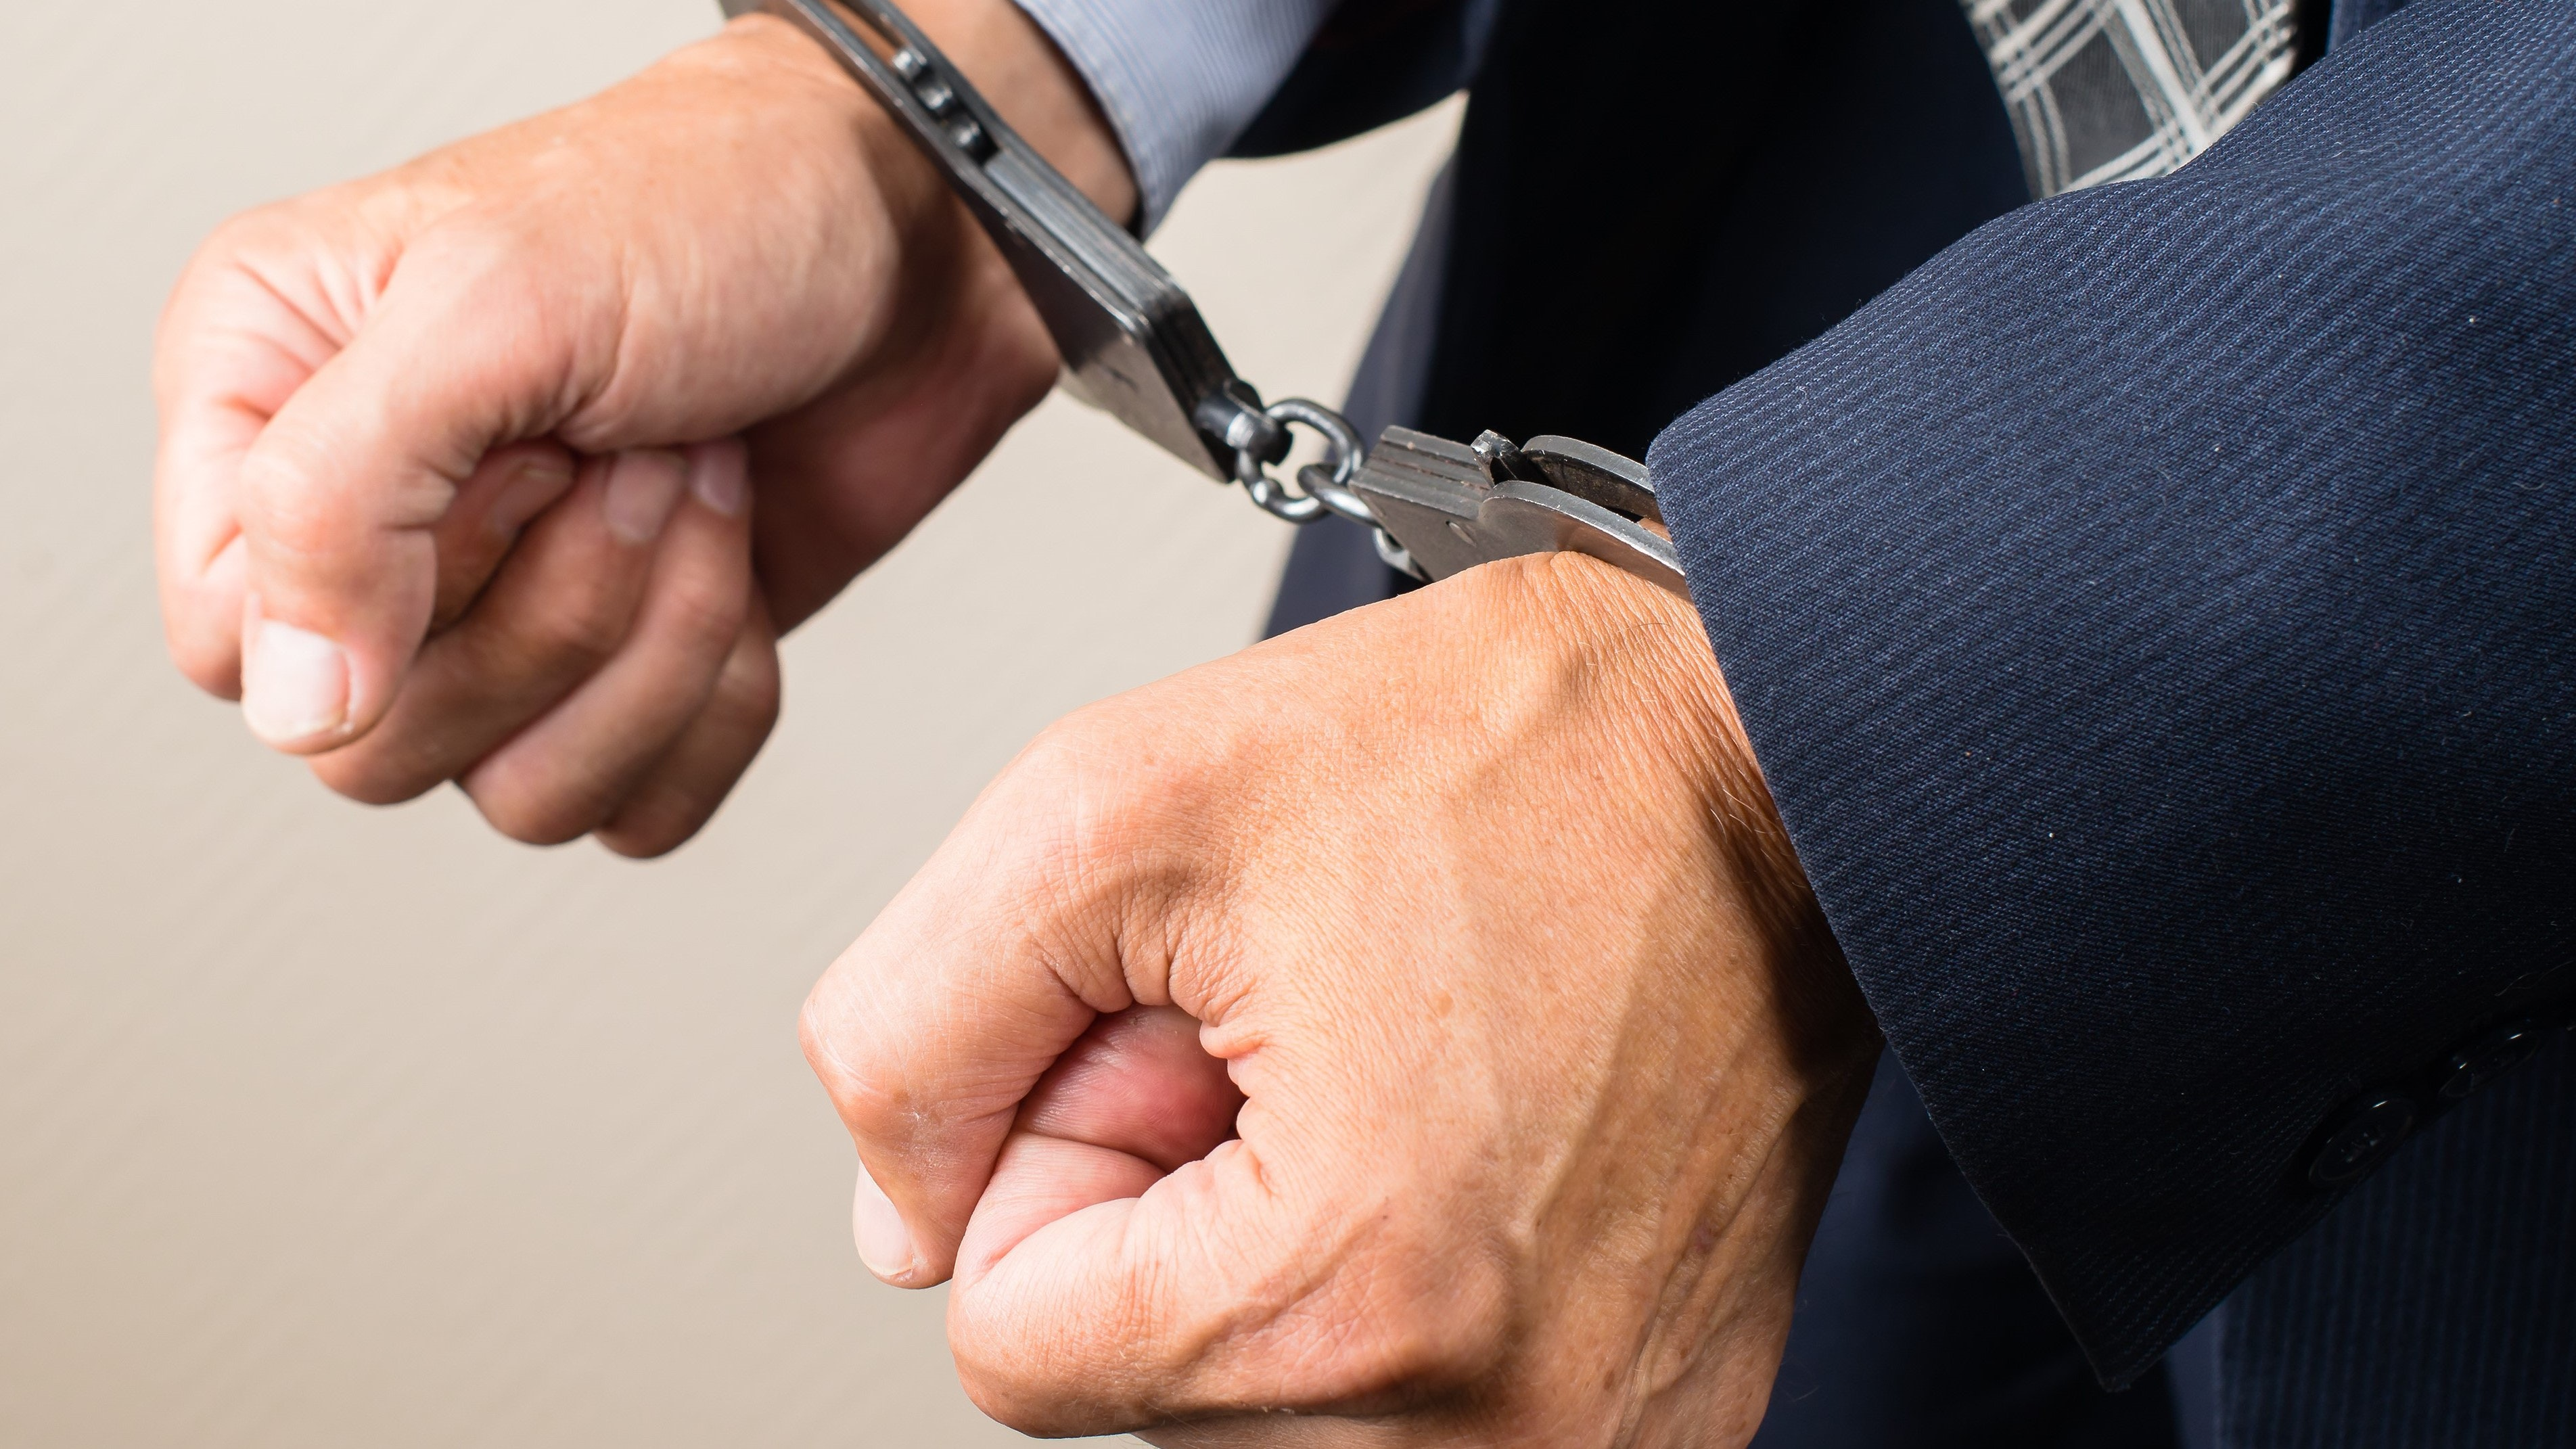 В Северной Осетии чиновники обвиняются в мошенничестве с соцвыплатами